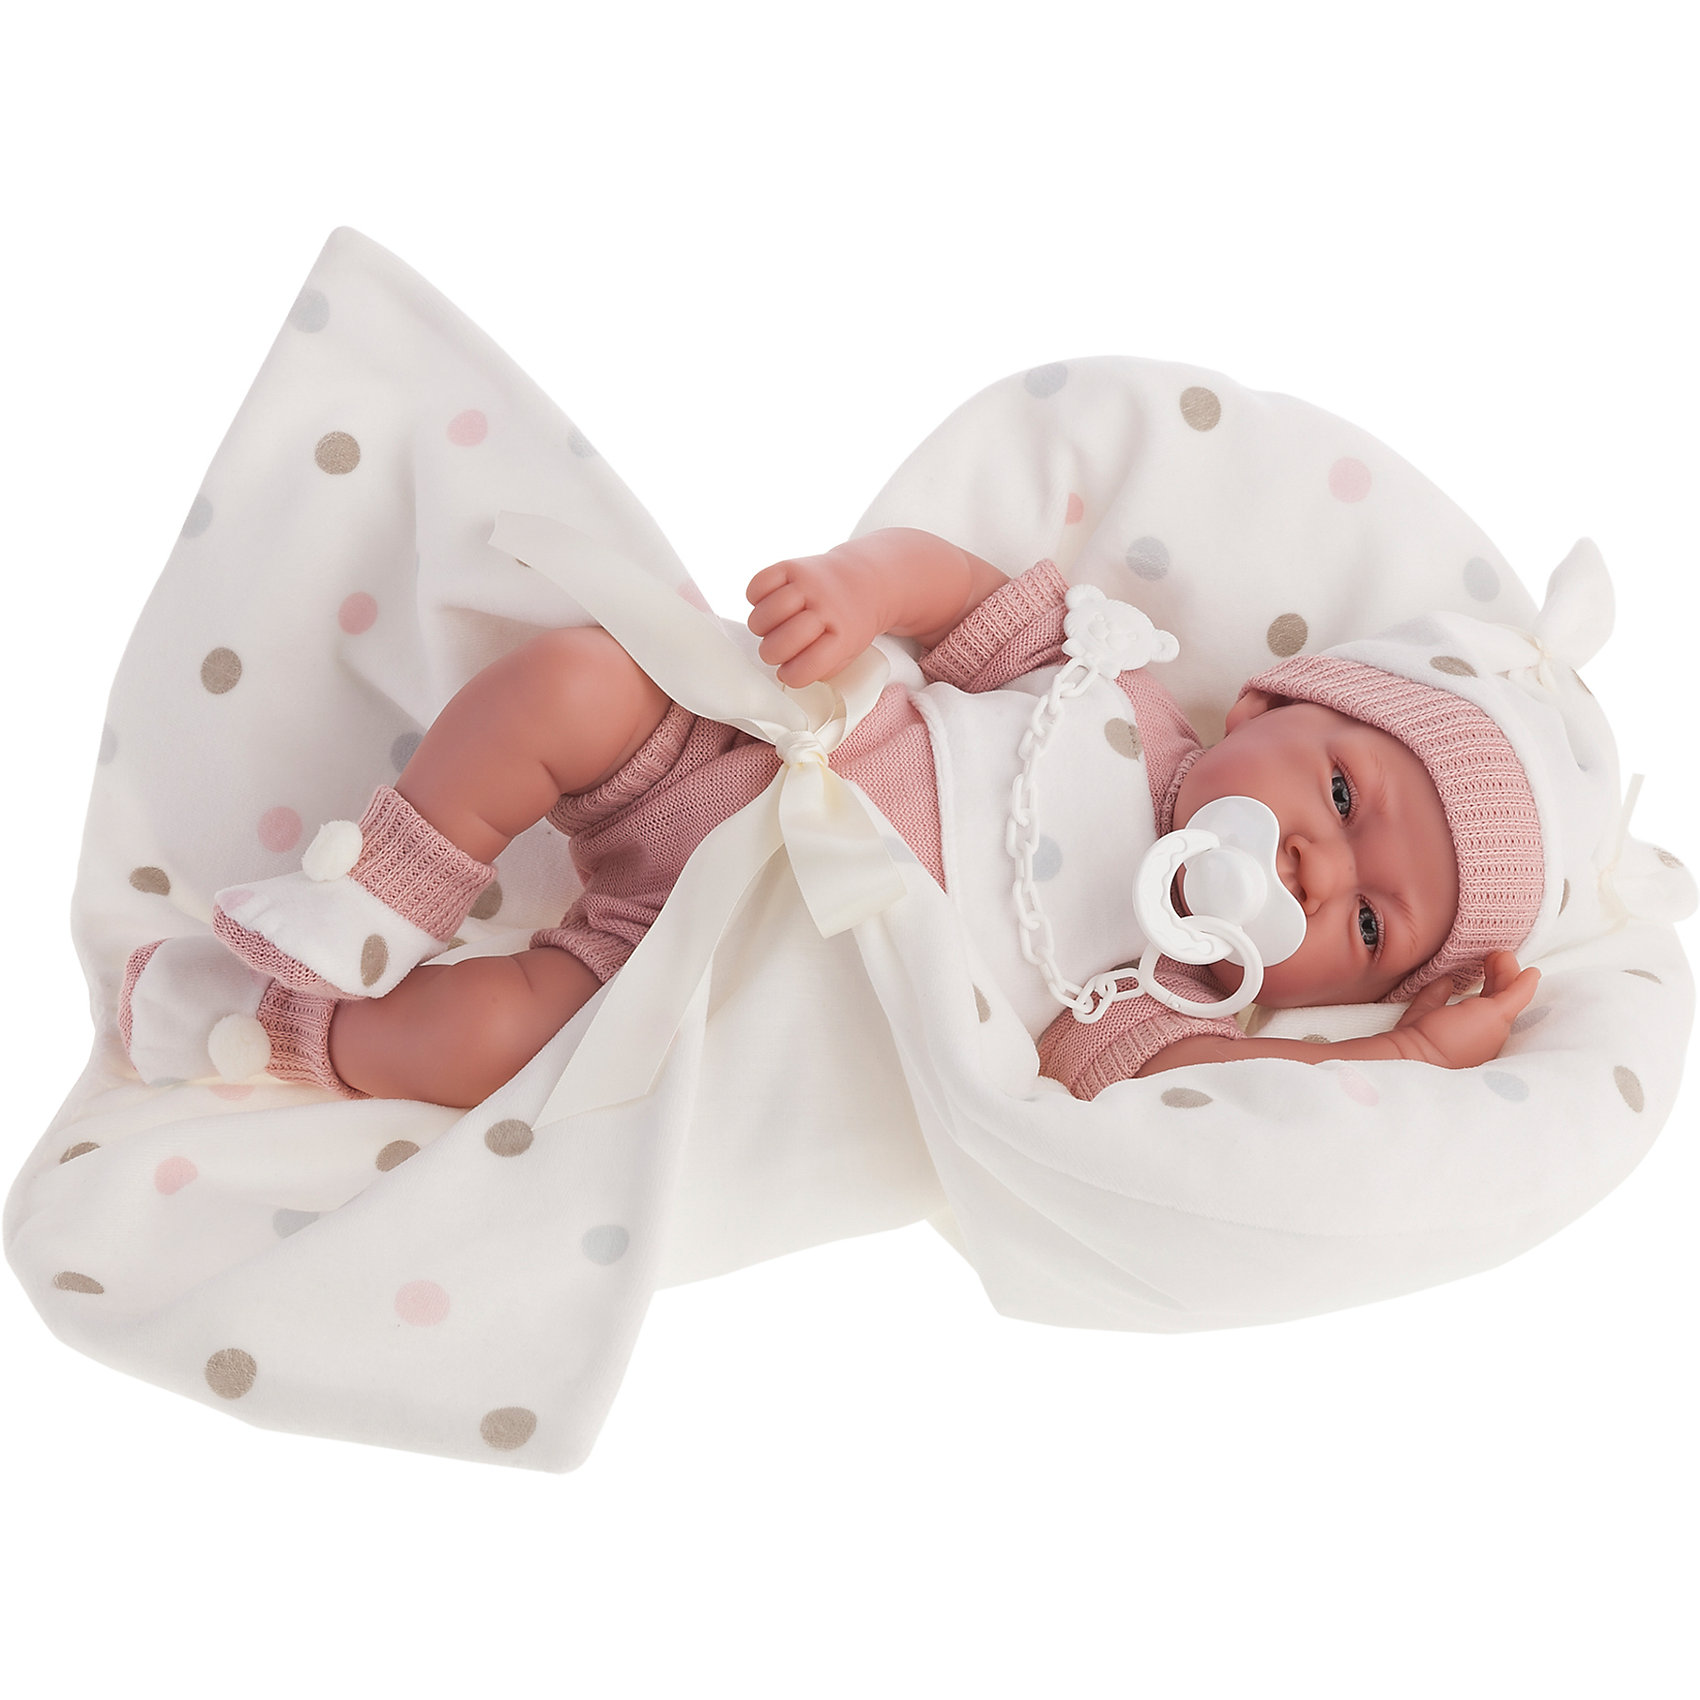 Кукла Санти в розовом, озвученная, 40 см, Munecas Antonio JuanКукла Санти в розовом, озвученная, 40 см, Munecas Antonio Juan (Мунекас Антонио Хуан).<br><br>Характеристики:<br><br>- Комплектация: кукла в одежде, одеяло, соска<br>- Материал: винил, текстиль<br>- Высота куклы: 40 см.<br>- Глаза не закрываются<br>- Интерактивные функции куклы: нажмите на животик 1 раз и кукла начнет по детски лепетать<br>- Батарейки: 3 x AG13 / LR44 (входят в комплект)<br>- Упаковка: яркая подарочная коробка<br><br>Малышка Санти невероятно похожа на настоящего младенца. Анатомическая точность, с которой выполнена кукла, поражает! Голубые глазки, маленький носик, нежные щечки, пухлые губки, милые «перевязочки» на ручках и ножках придают кукле реалистичный вид и вызывают только самые положительные и добрые эмоции. Санти одета нежно-розовый утепленный комбинезончик, светлую вязаную шапочку, на ногах - мягкие пинетки с помпончиками. В комплекте также предусмотрена соска и одеяло украшенное узором в горошек. Кукла оснащена звуковым модулем, если нажать на животик, Санти начнет по детски лепетать. Тельце у куклы мягко-набивное, голова, ручки и ножки сделаны из высококачественного винила. Голова, ручки и ножки подвижны. Кукла изготовлена из высококачественных и экологически чистых материалов, поэтому безопасна для детей любого возраста, соответствует всем нормам и требованиям к качеству детских товаров. Образы малышей Мунекас разработаны известными европейскими дизайнерами. Они натуралистичны, анатомически точны.<br><br>Куклу Санти в розовом, озвученную, 40 см, Munecas Antonio Juan (Мунекас Антонио Хуан) можно купить в нашем интернет-магазине.<br><br>Ширина мм: 50<br>Глубина мм: 26<br>Высота мм: 16<br>Вес г: 1770<br>Возраст от месяцев: 36<br>Возраст до месяцев: 2147483647<br>Пол: Женский<br>Возраст: Детский<br>SKU: 5055416